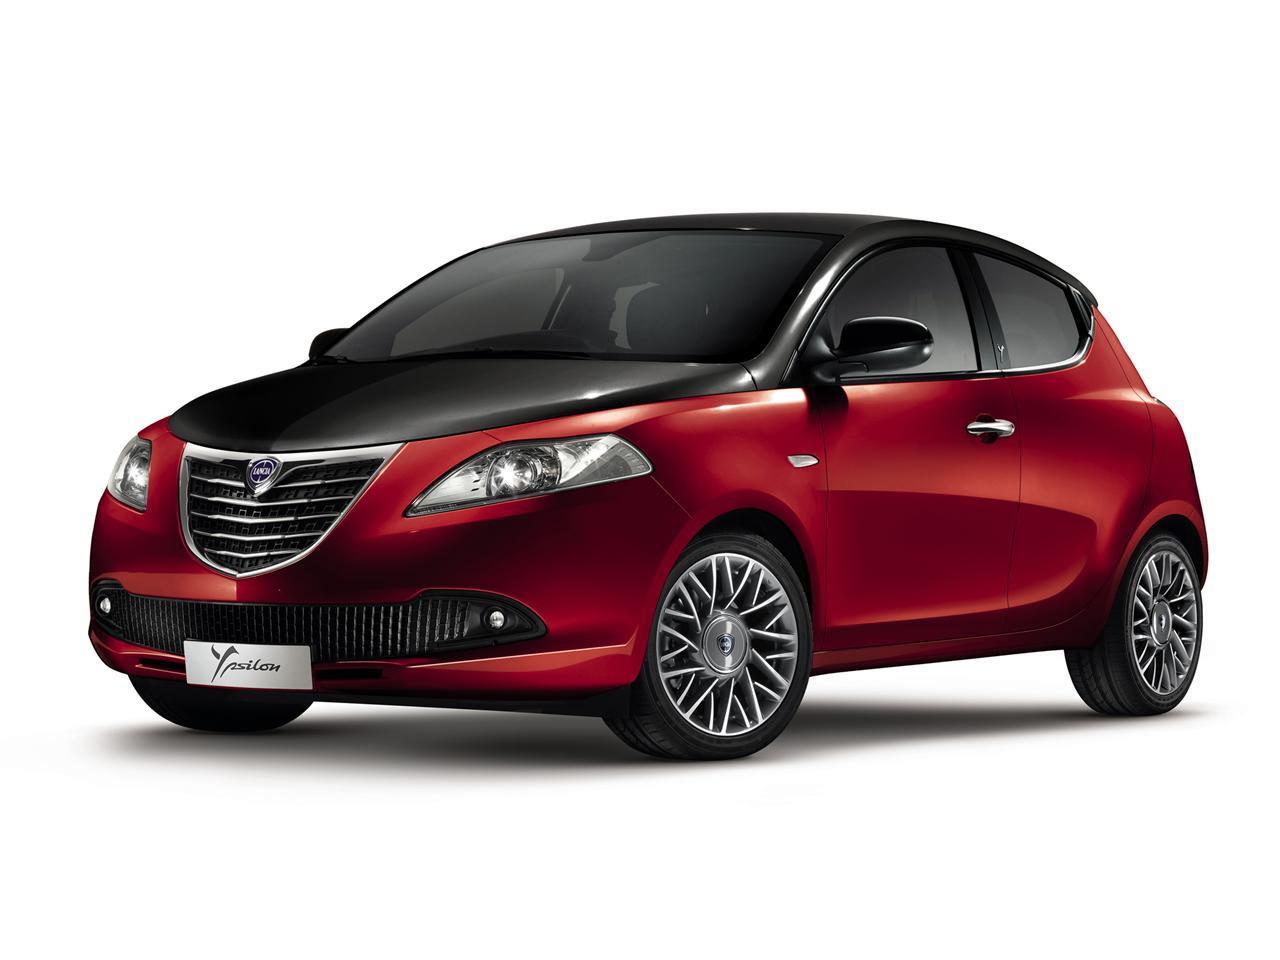 FERIA INTERNACIONAL DEL AUTOMOVILISMO,AUTOS TUNING-http://a.ccdn.es/cnet/contents/media/LANCIA/Ypsilon/405448.jpg